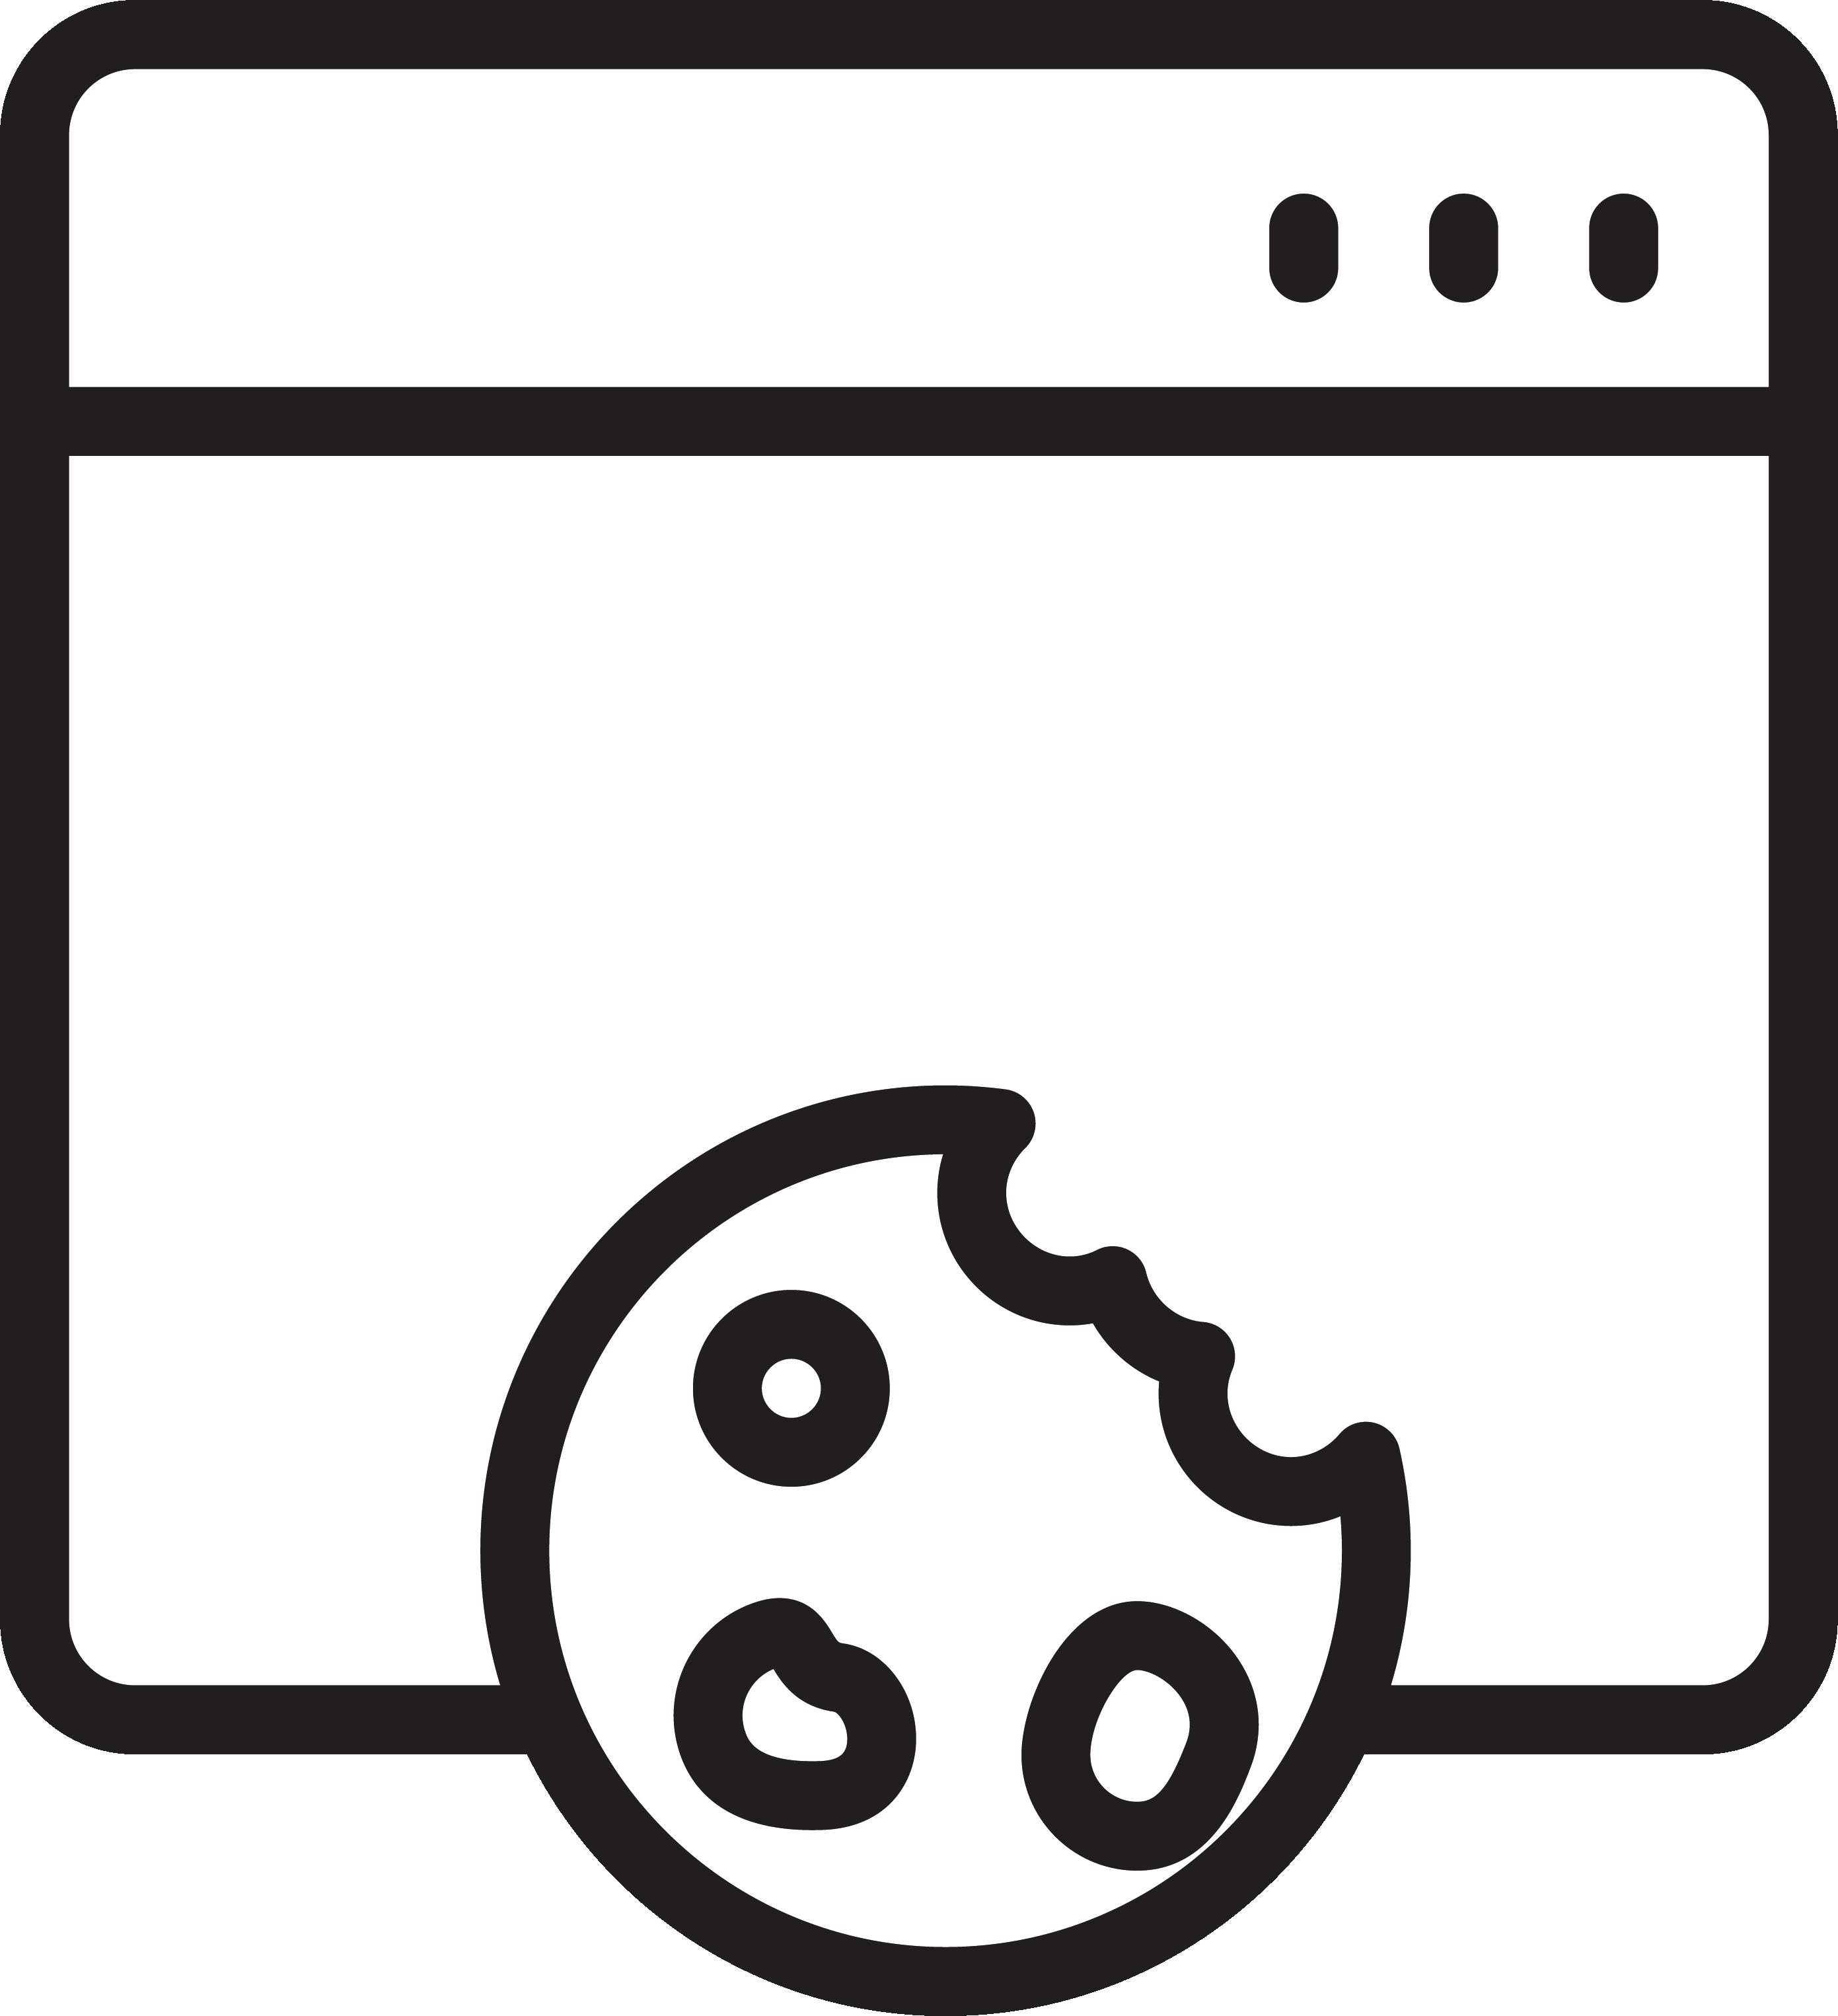 Cookie Bar für Wordpress, Typo3, Contao